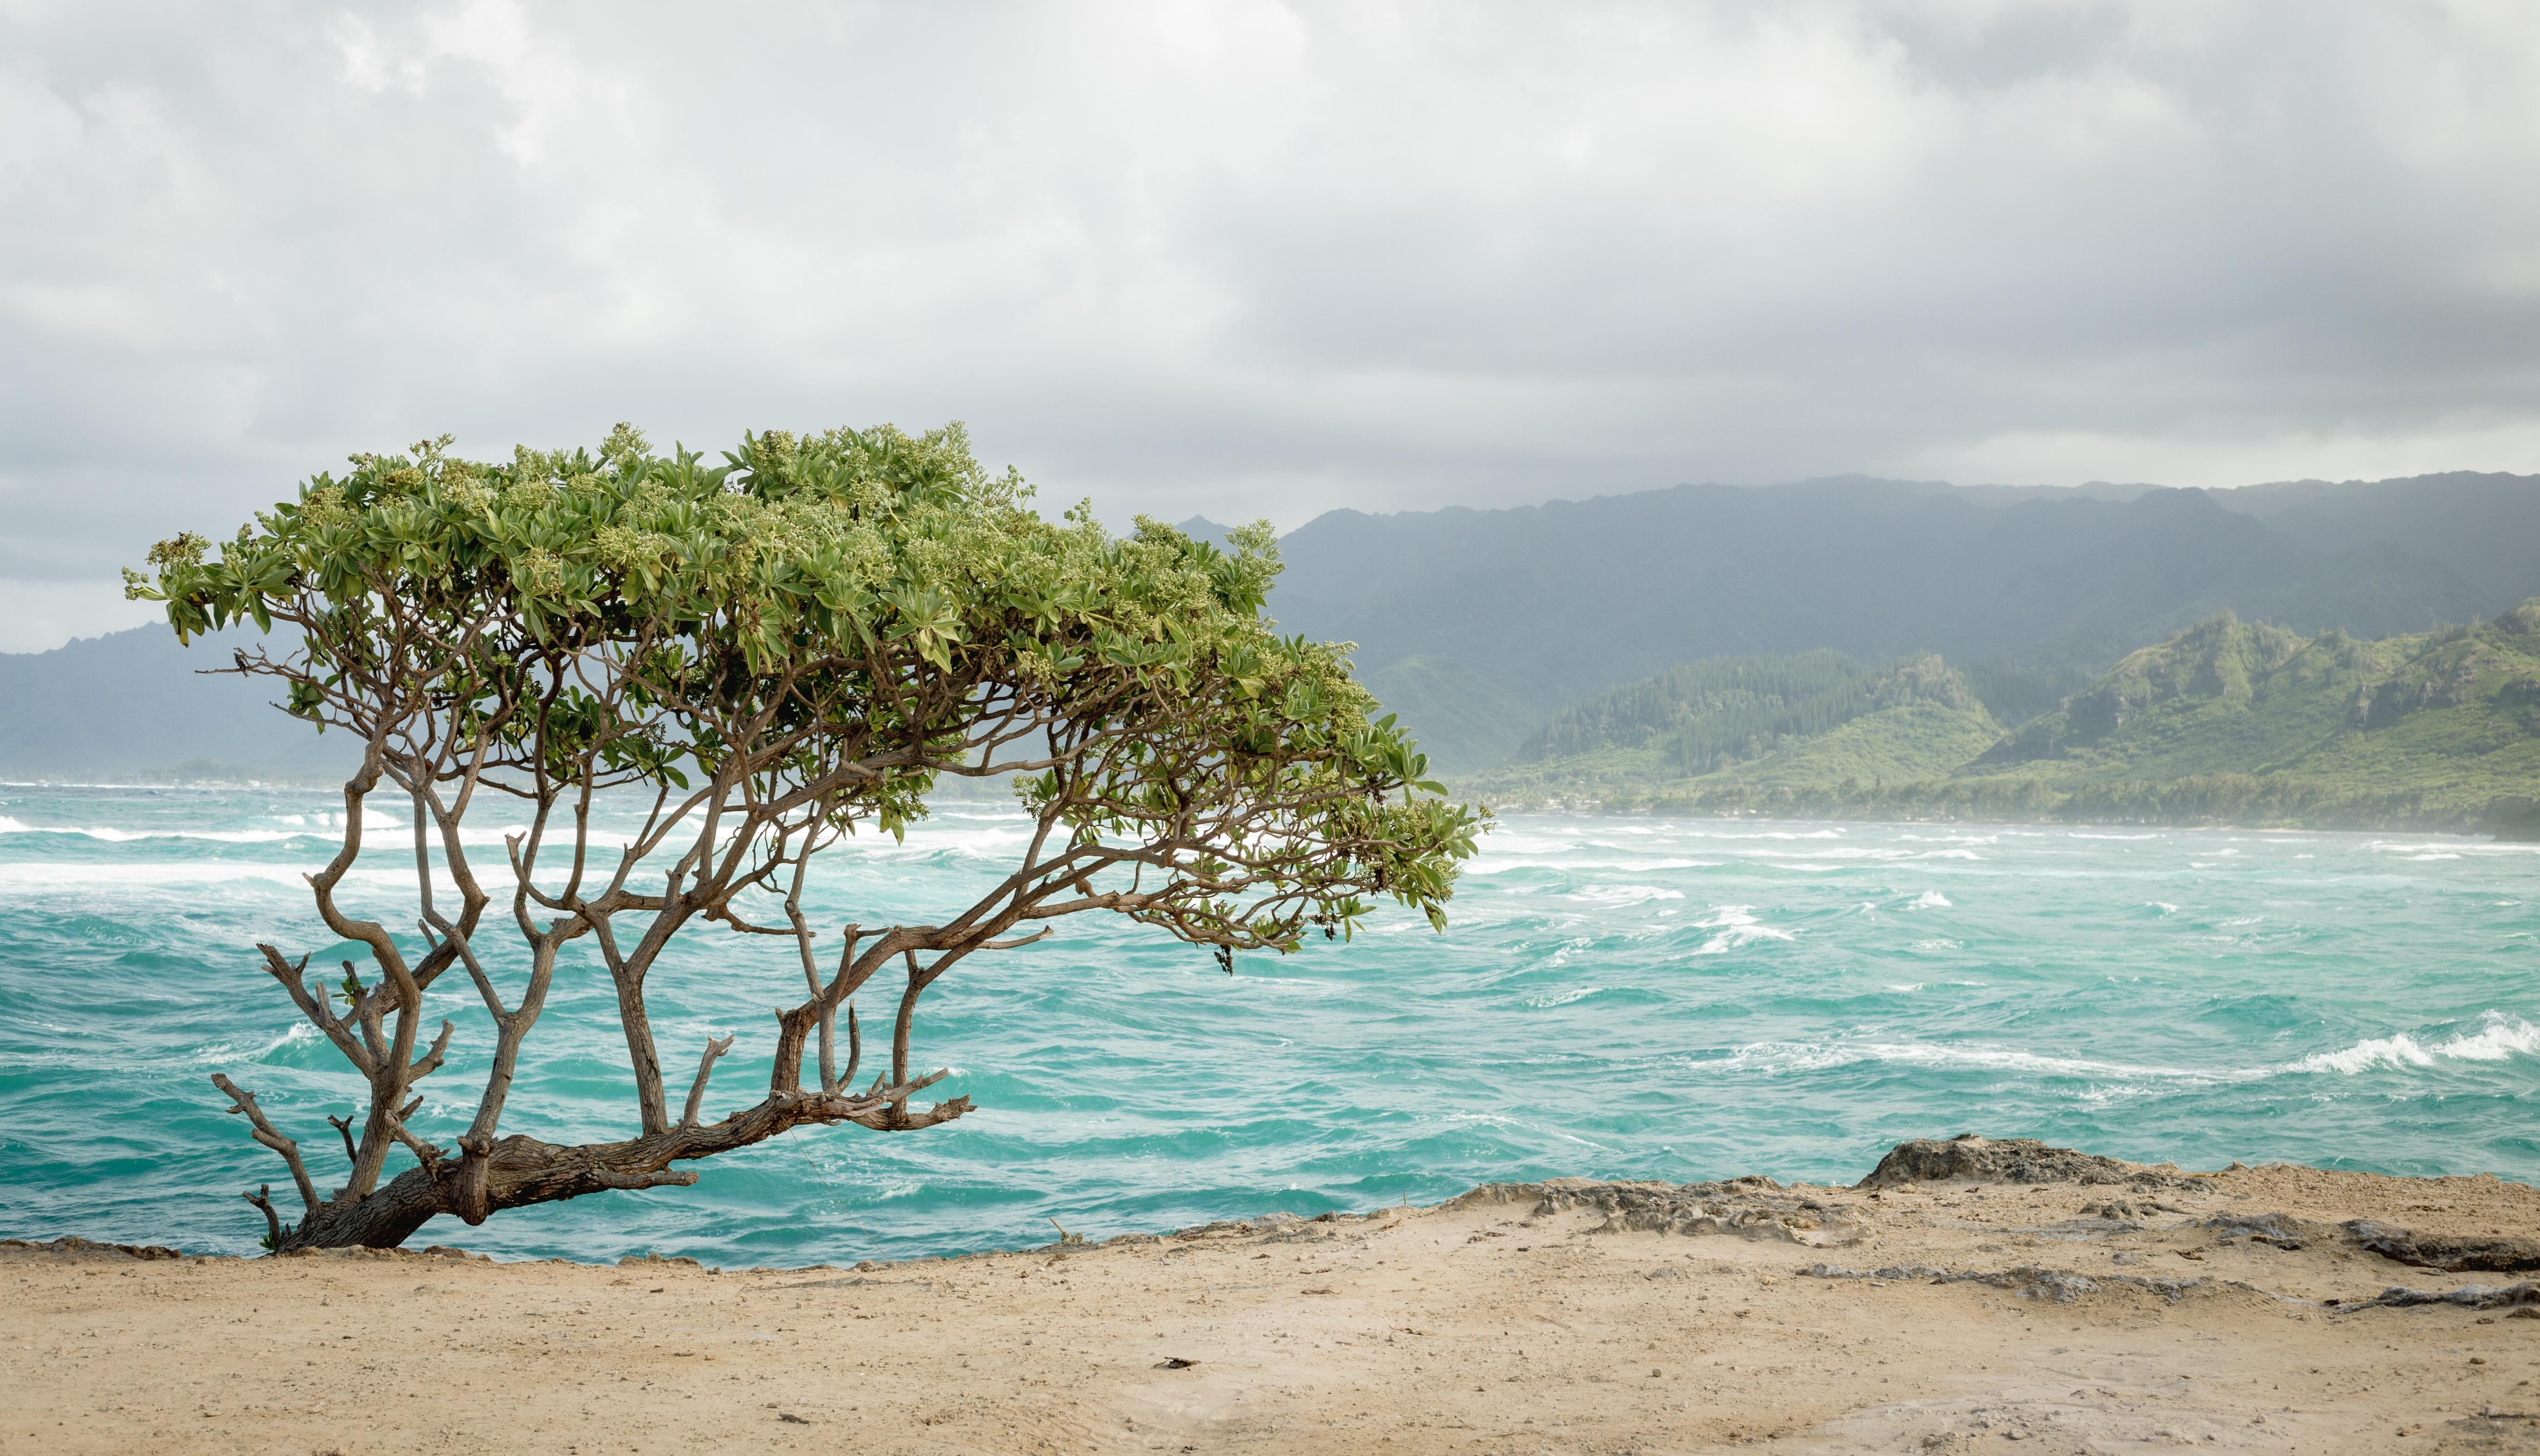 green tree near seashore